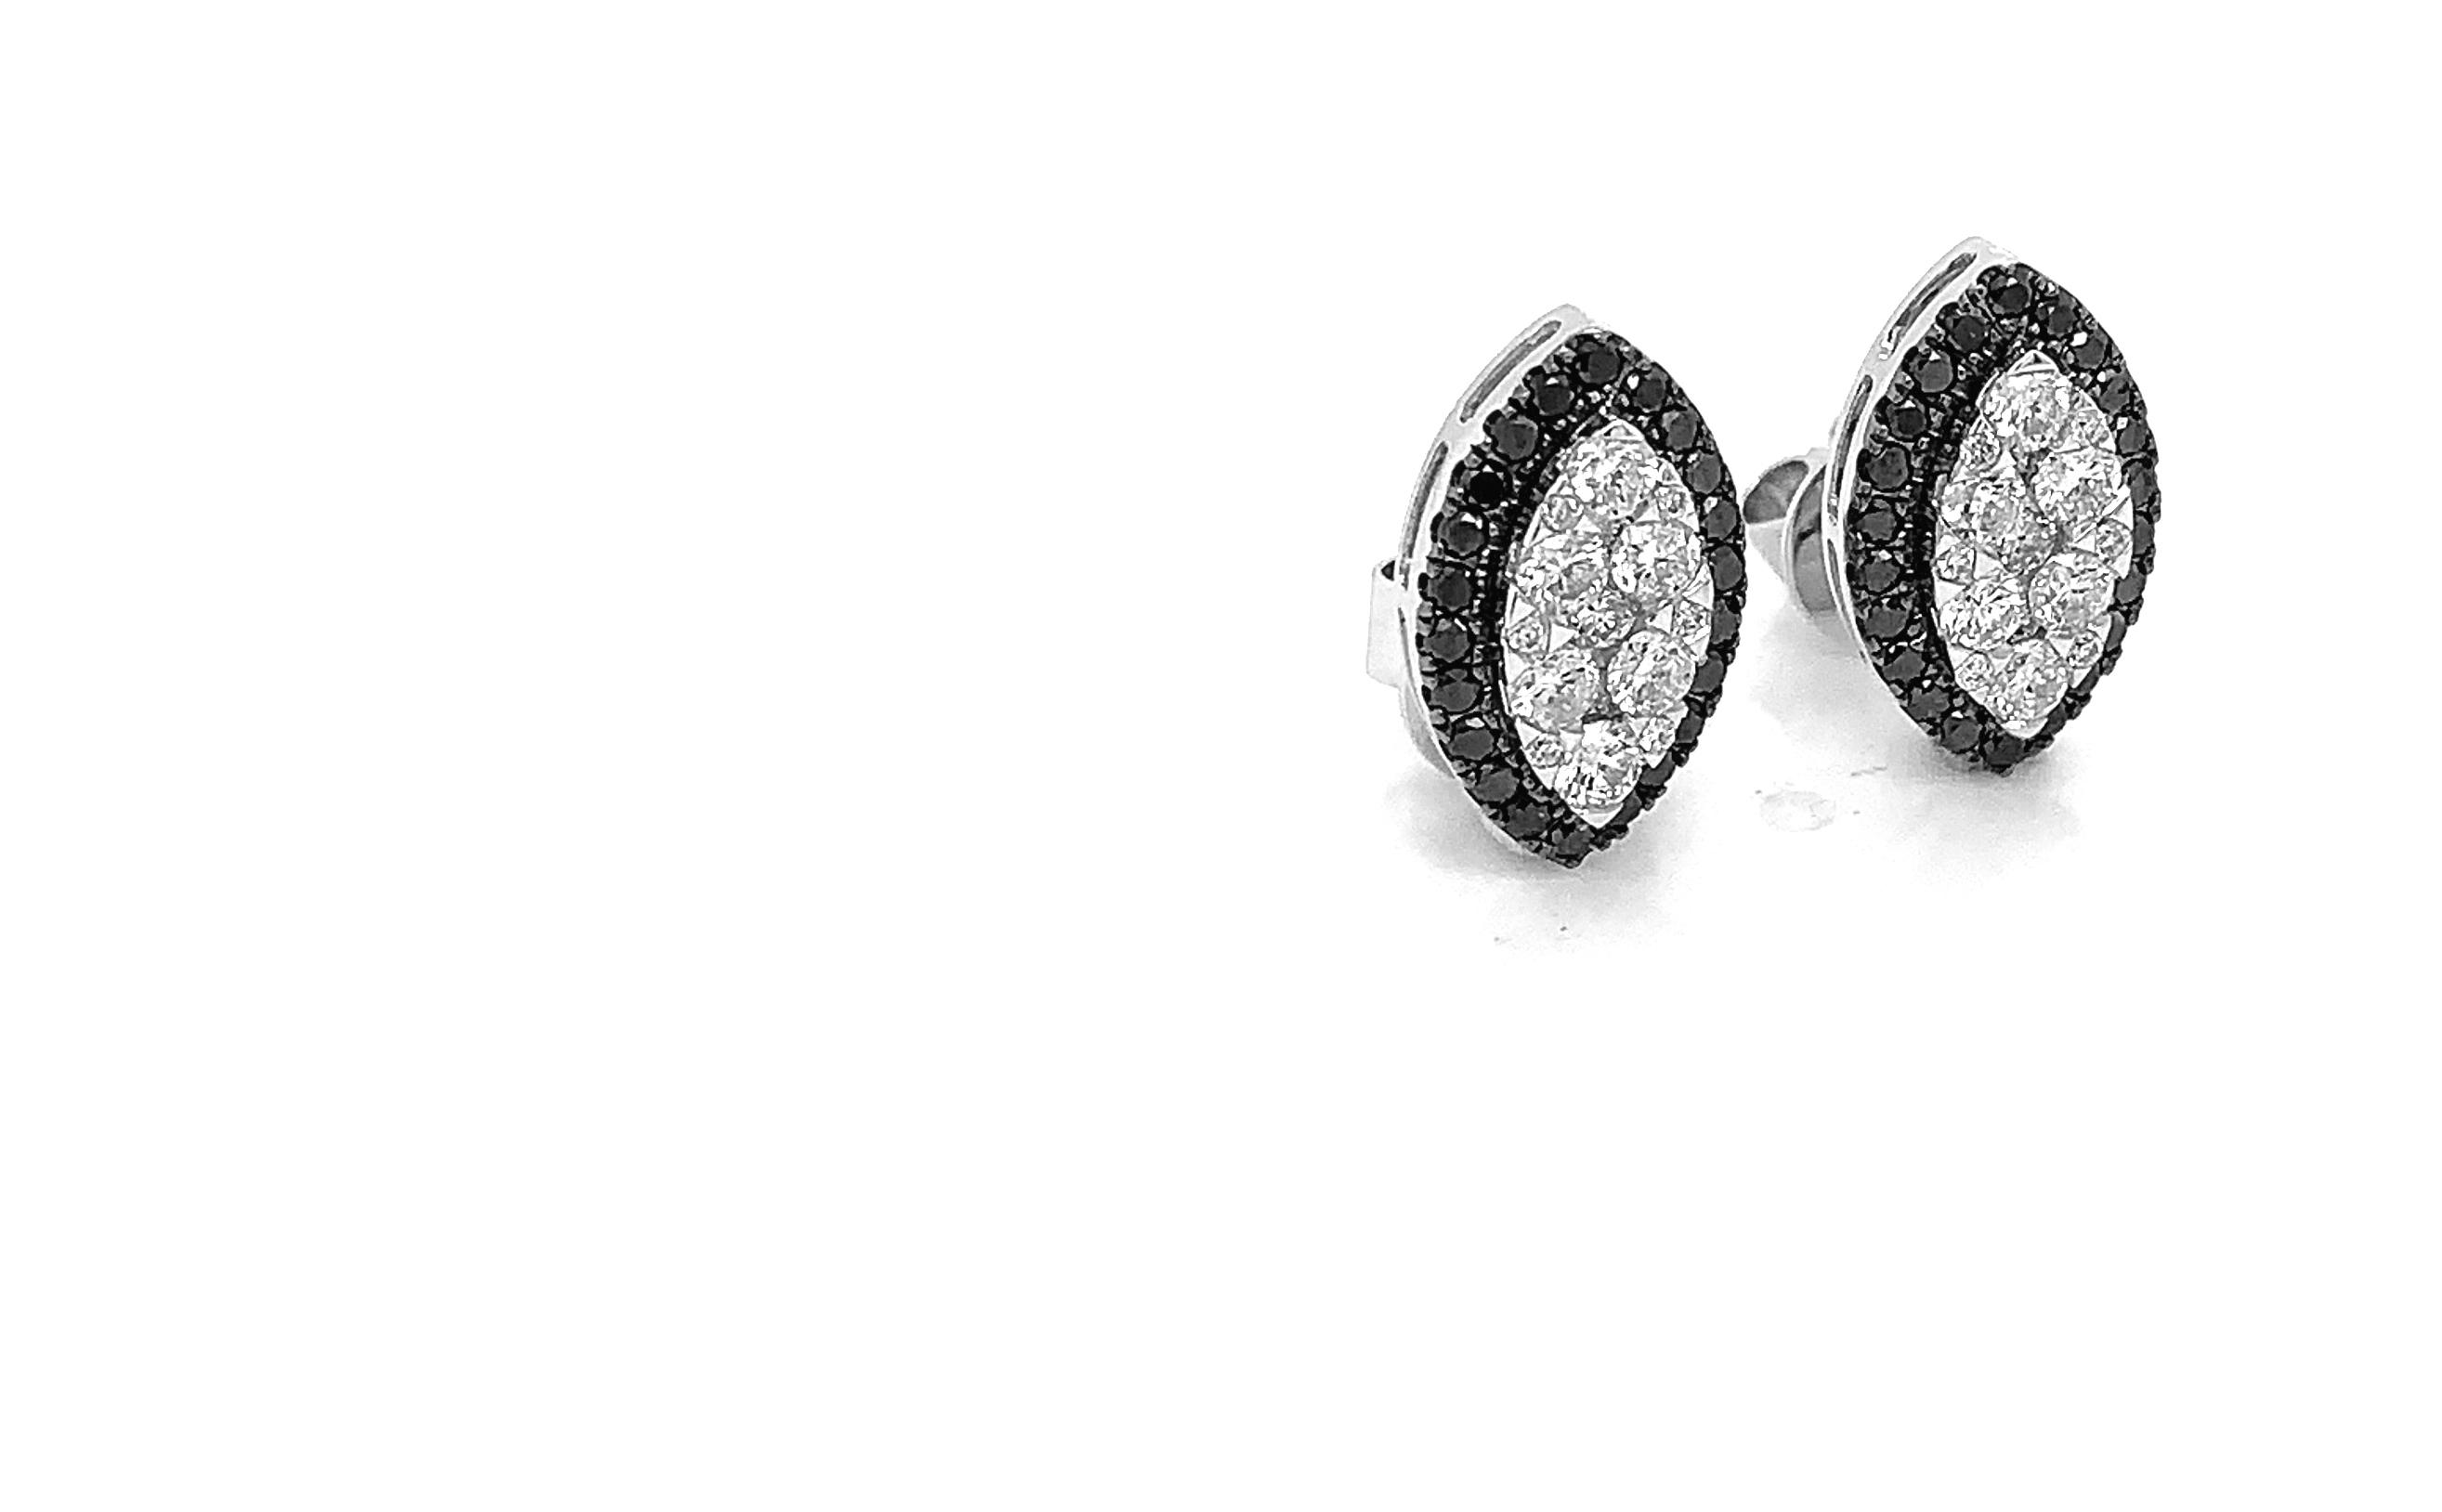 Black & White Diamond Earrings